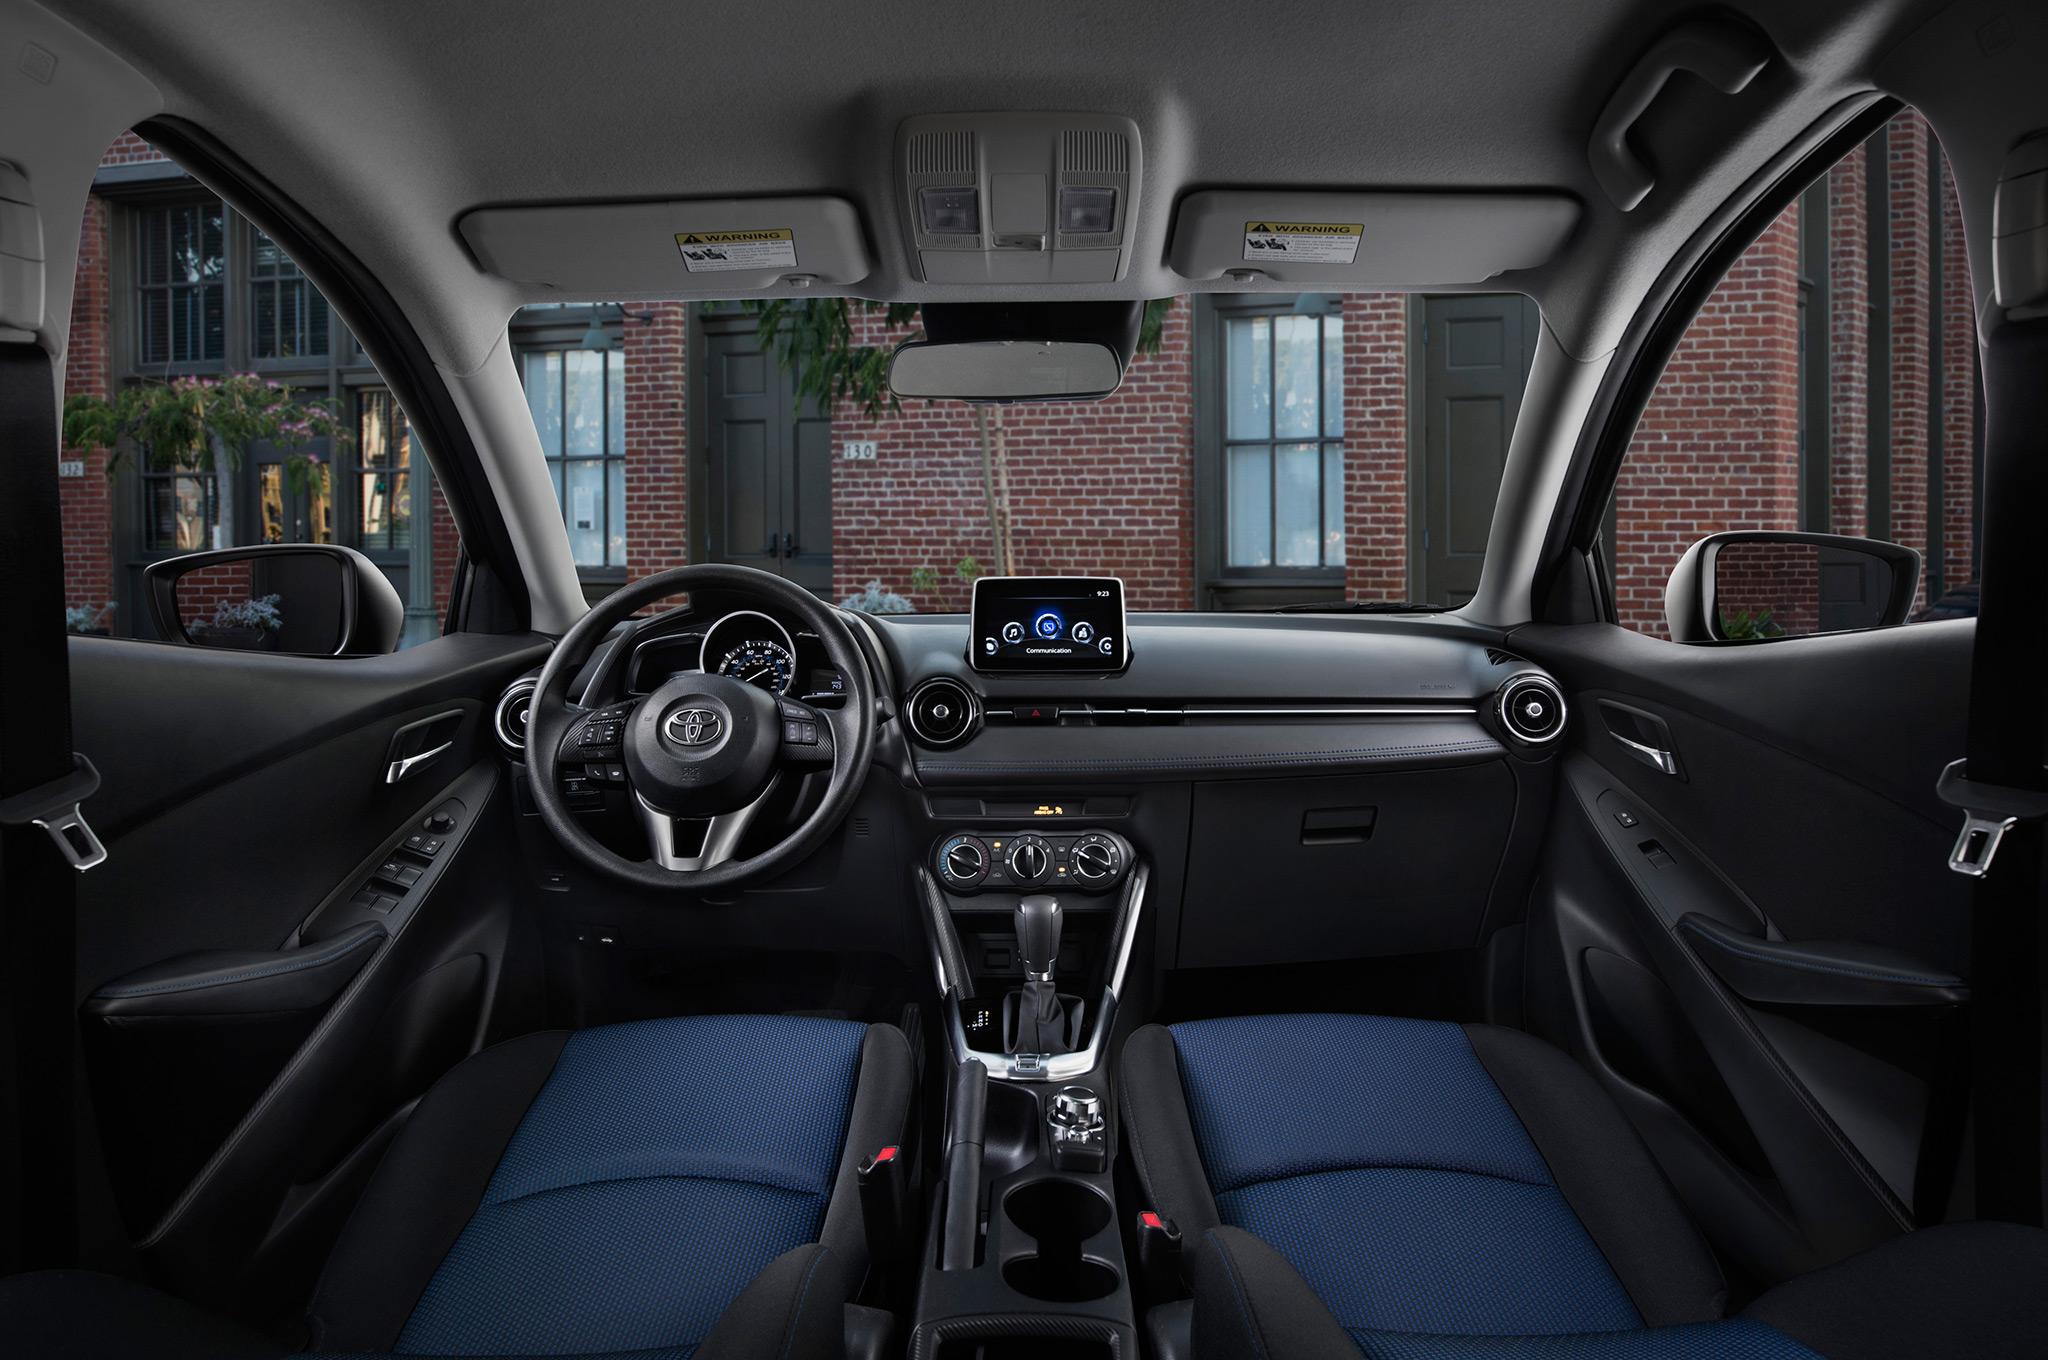 Chiêm ngưỡng vẻ đẹp có một không hai của Toyota Yaris 2017